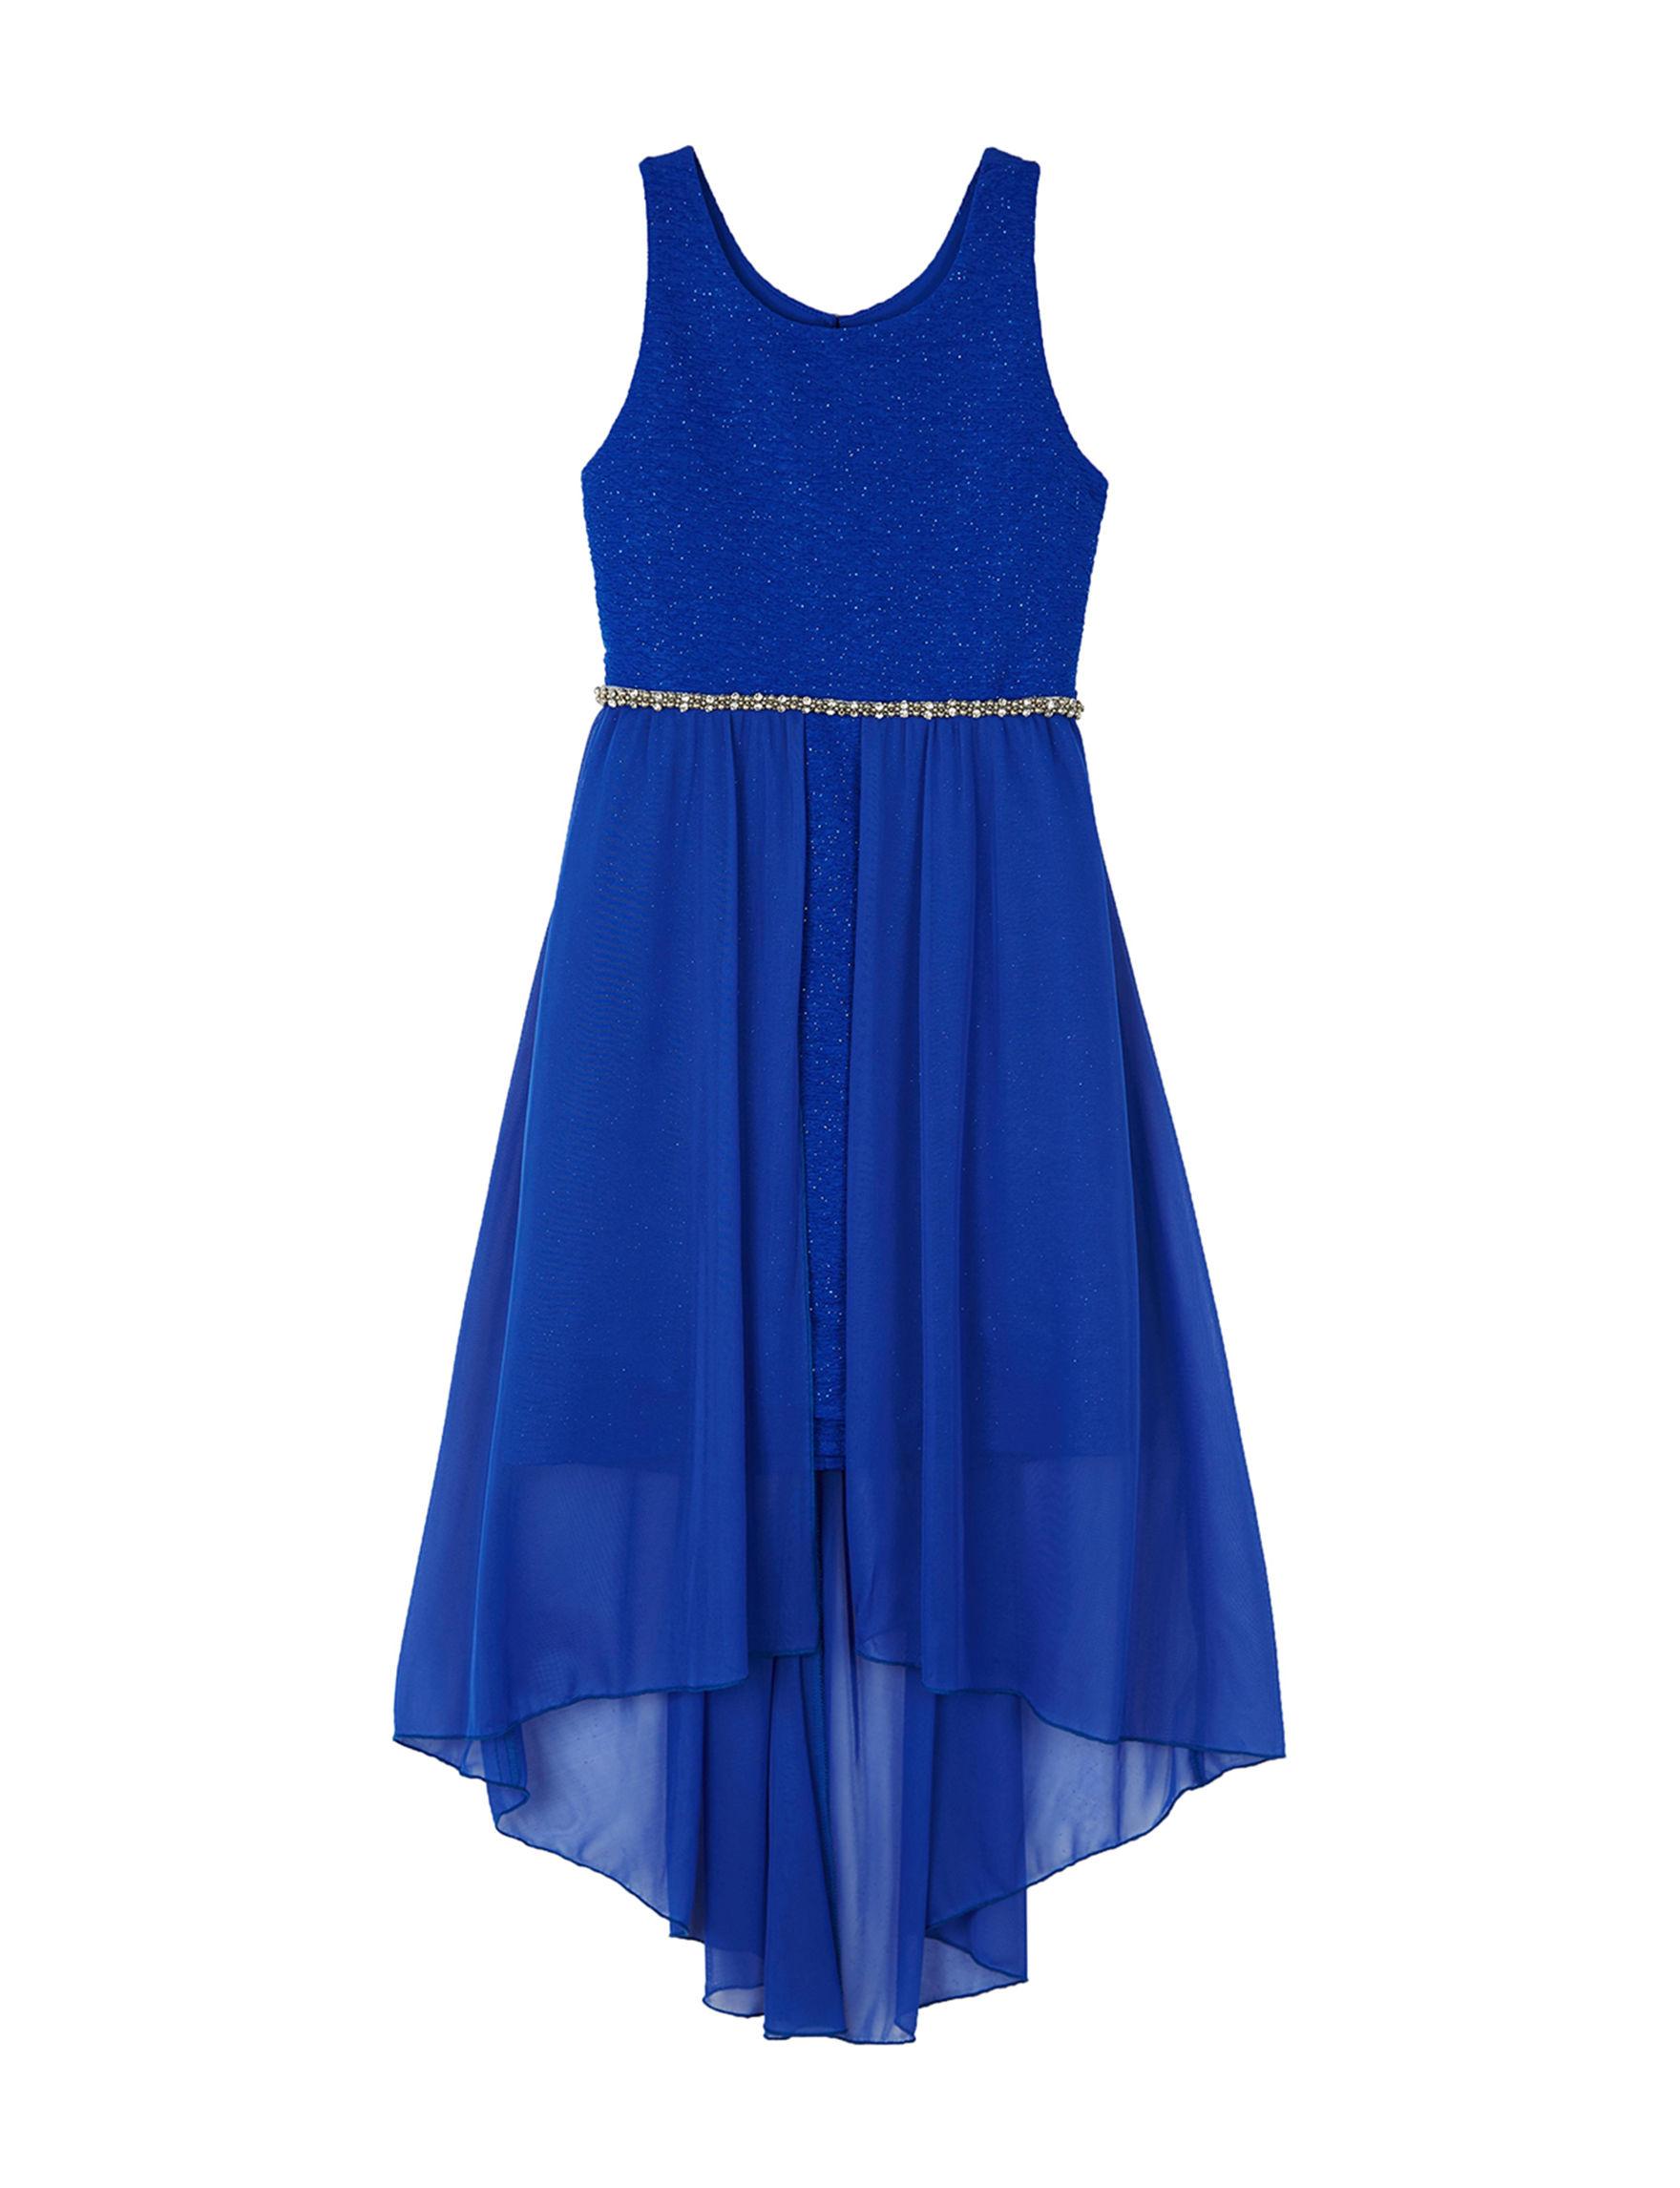 A. Byer Cobalt Blue